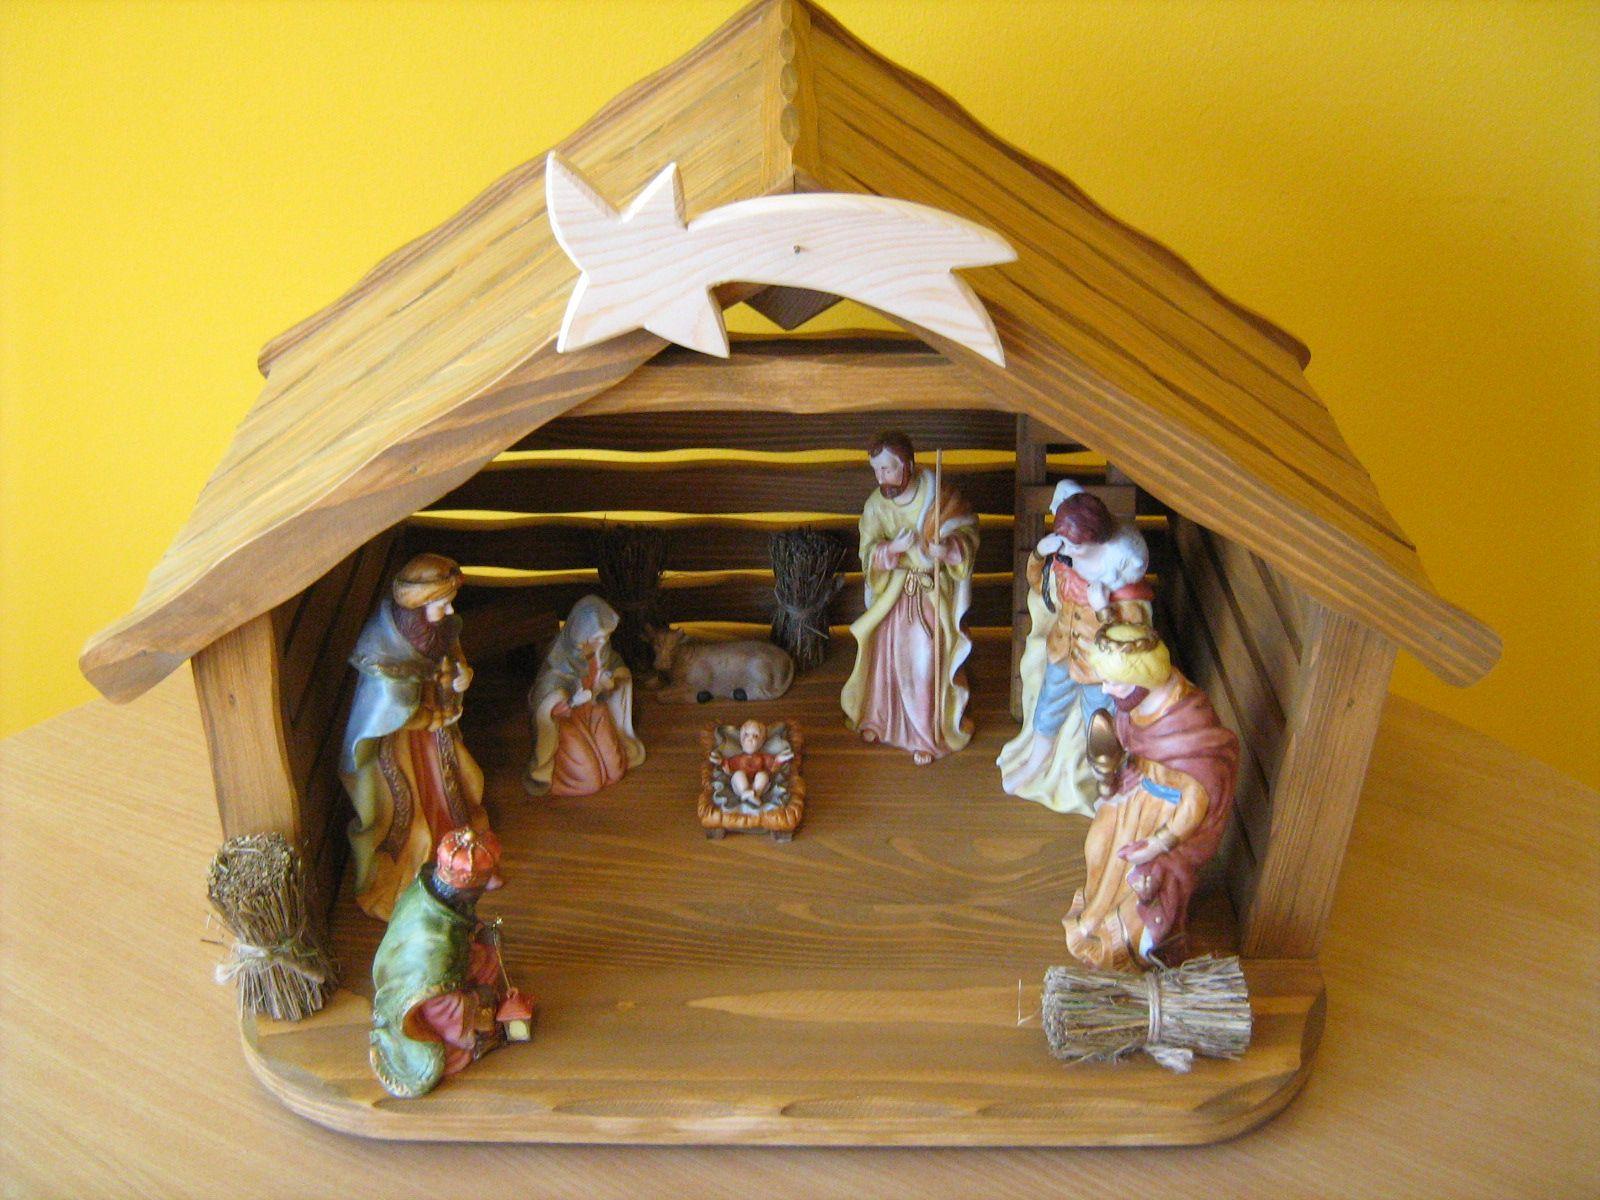 Szopka Bozonarodzeniowa Do Figurek Do 20 Cm 6593158206 Oficjalne Archiwum Allegro Cuckoo Clock Clock Christmas